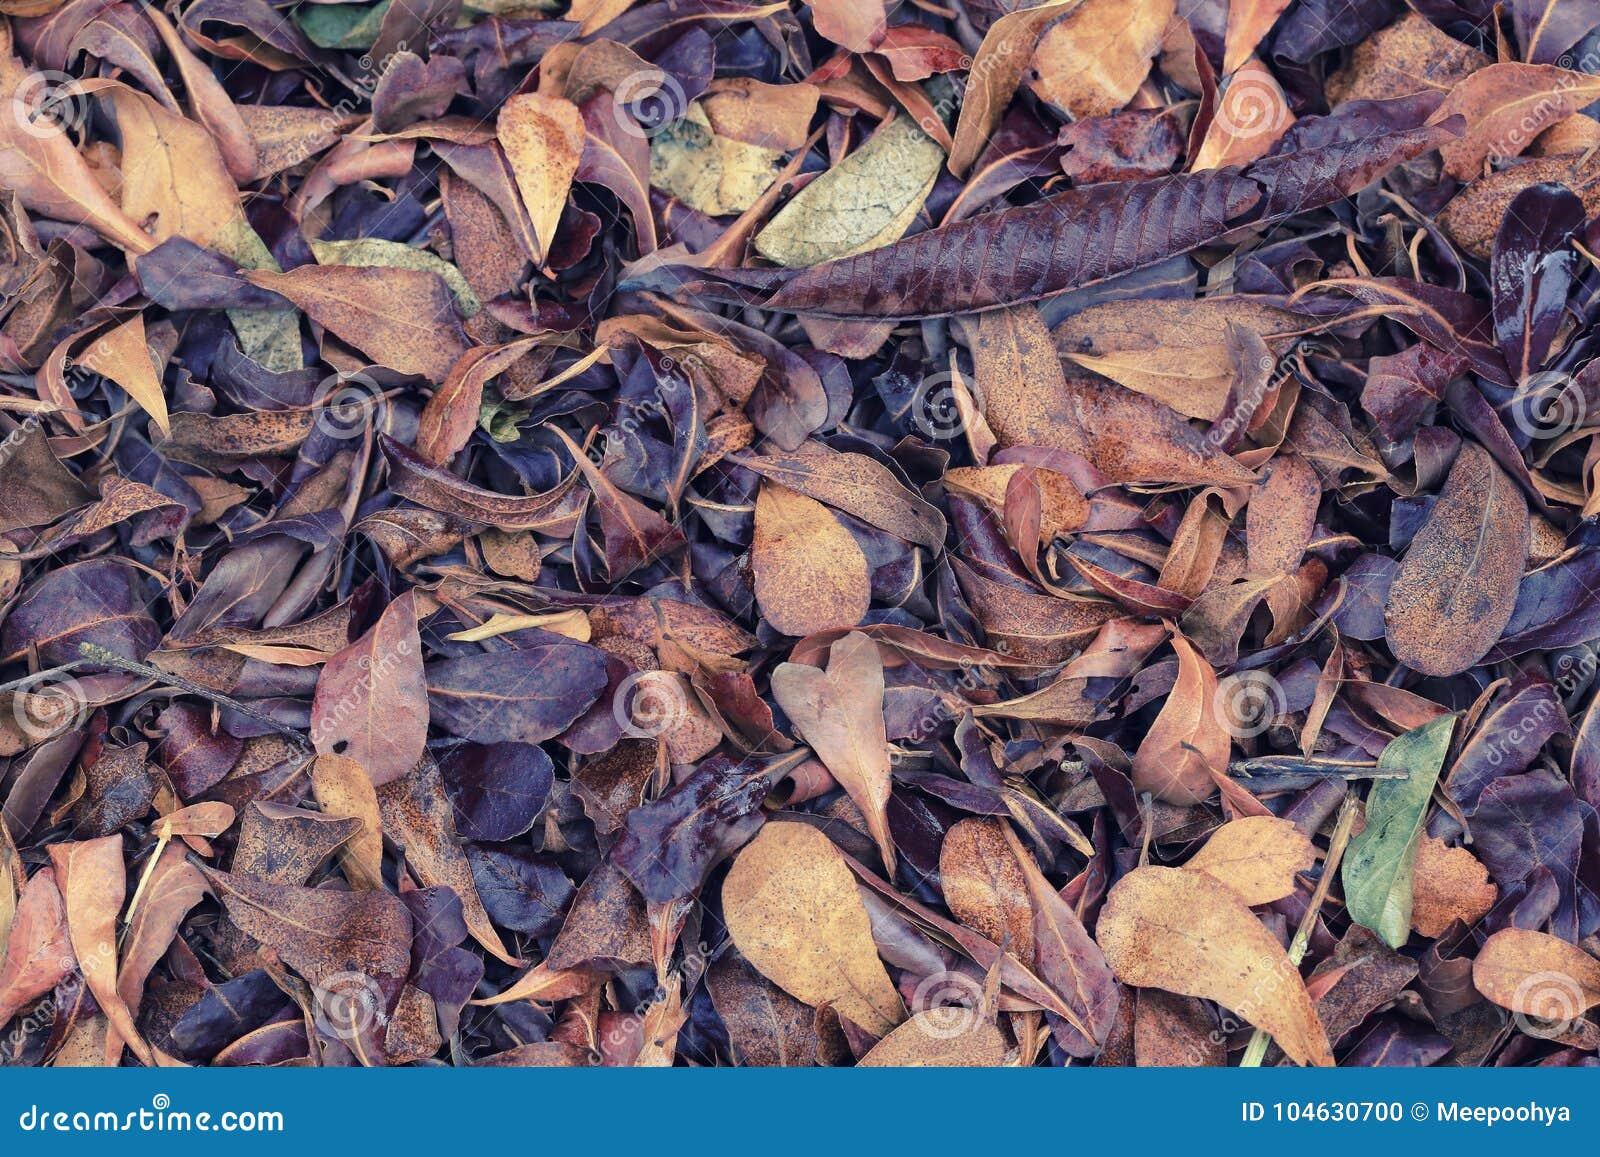 Download Droog bladeren in de tuin stock foto. Afbeelding bestaande uit bladeren - 104630700